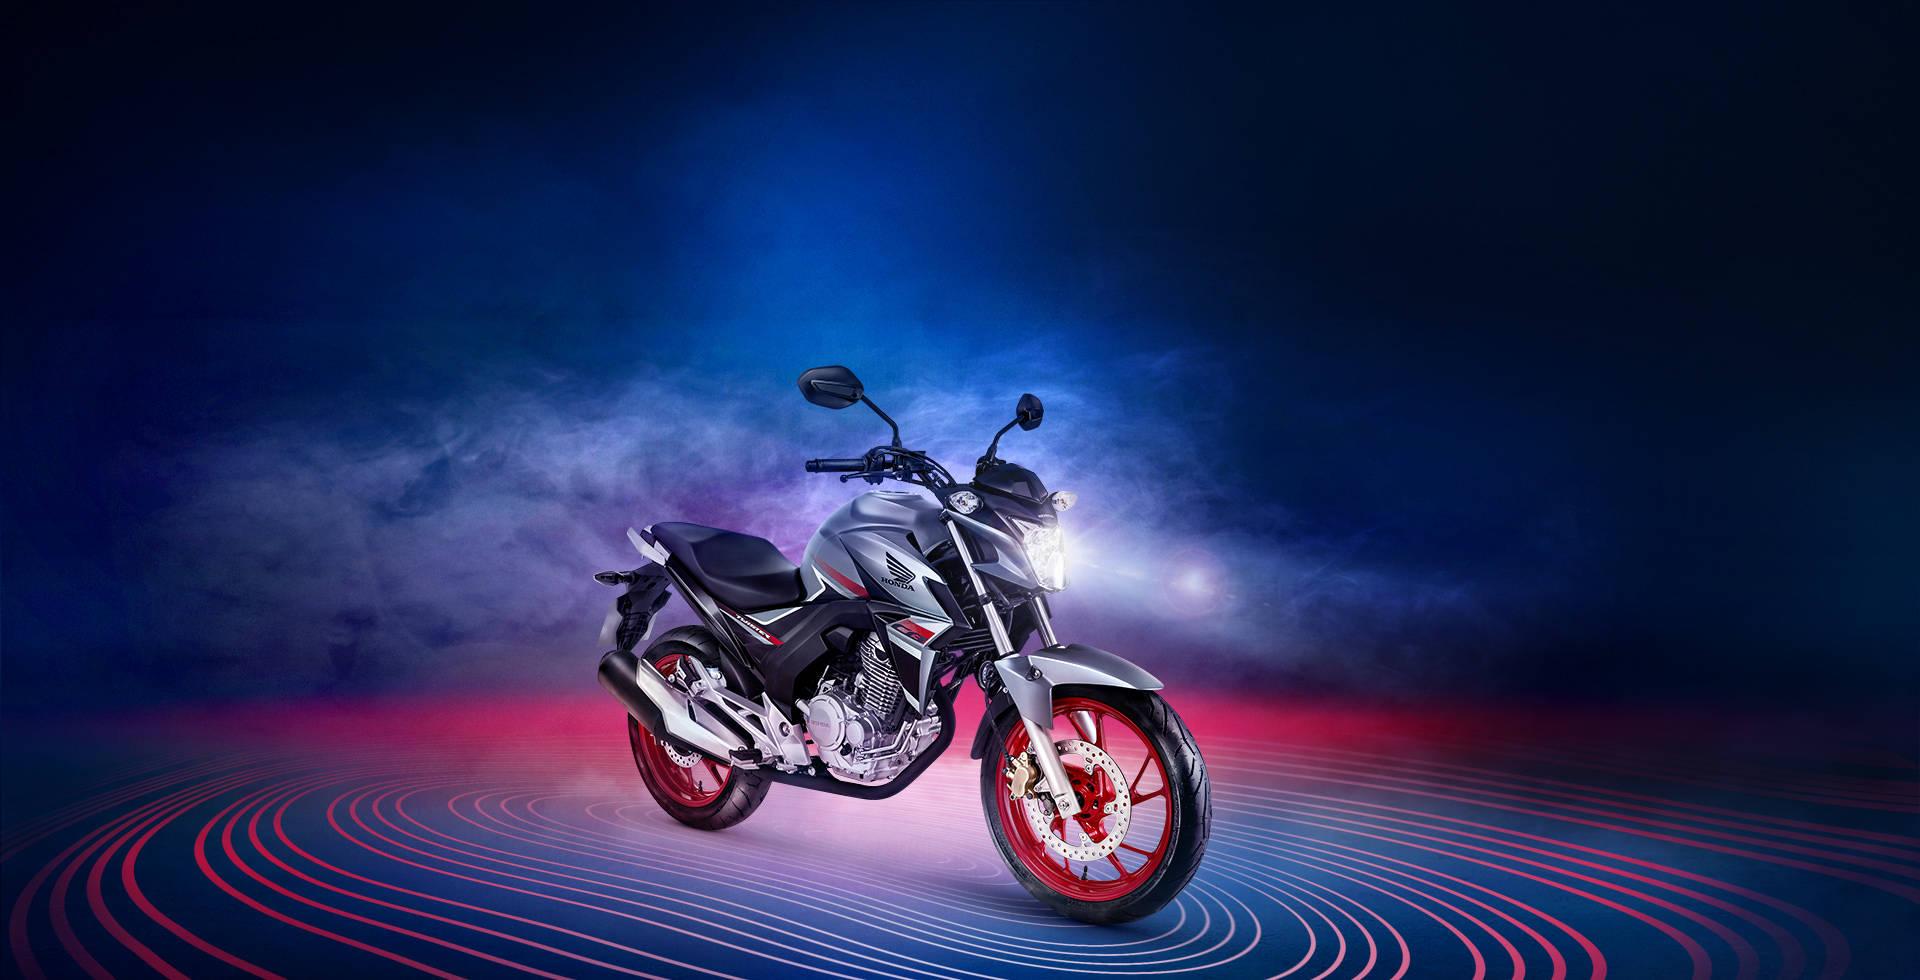 Cb Twister 2018 Honda Motocicletas